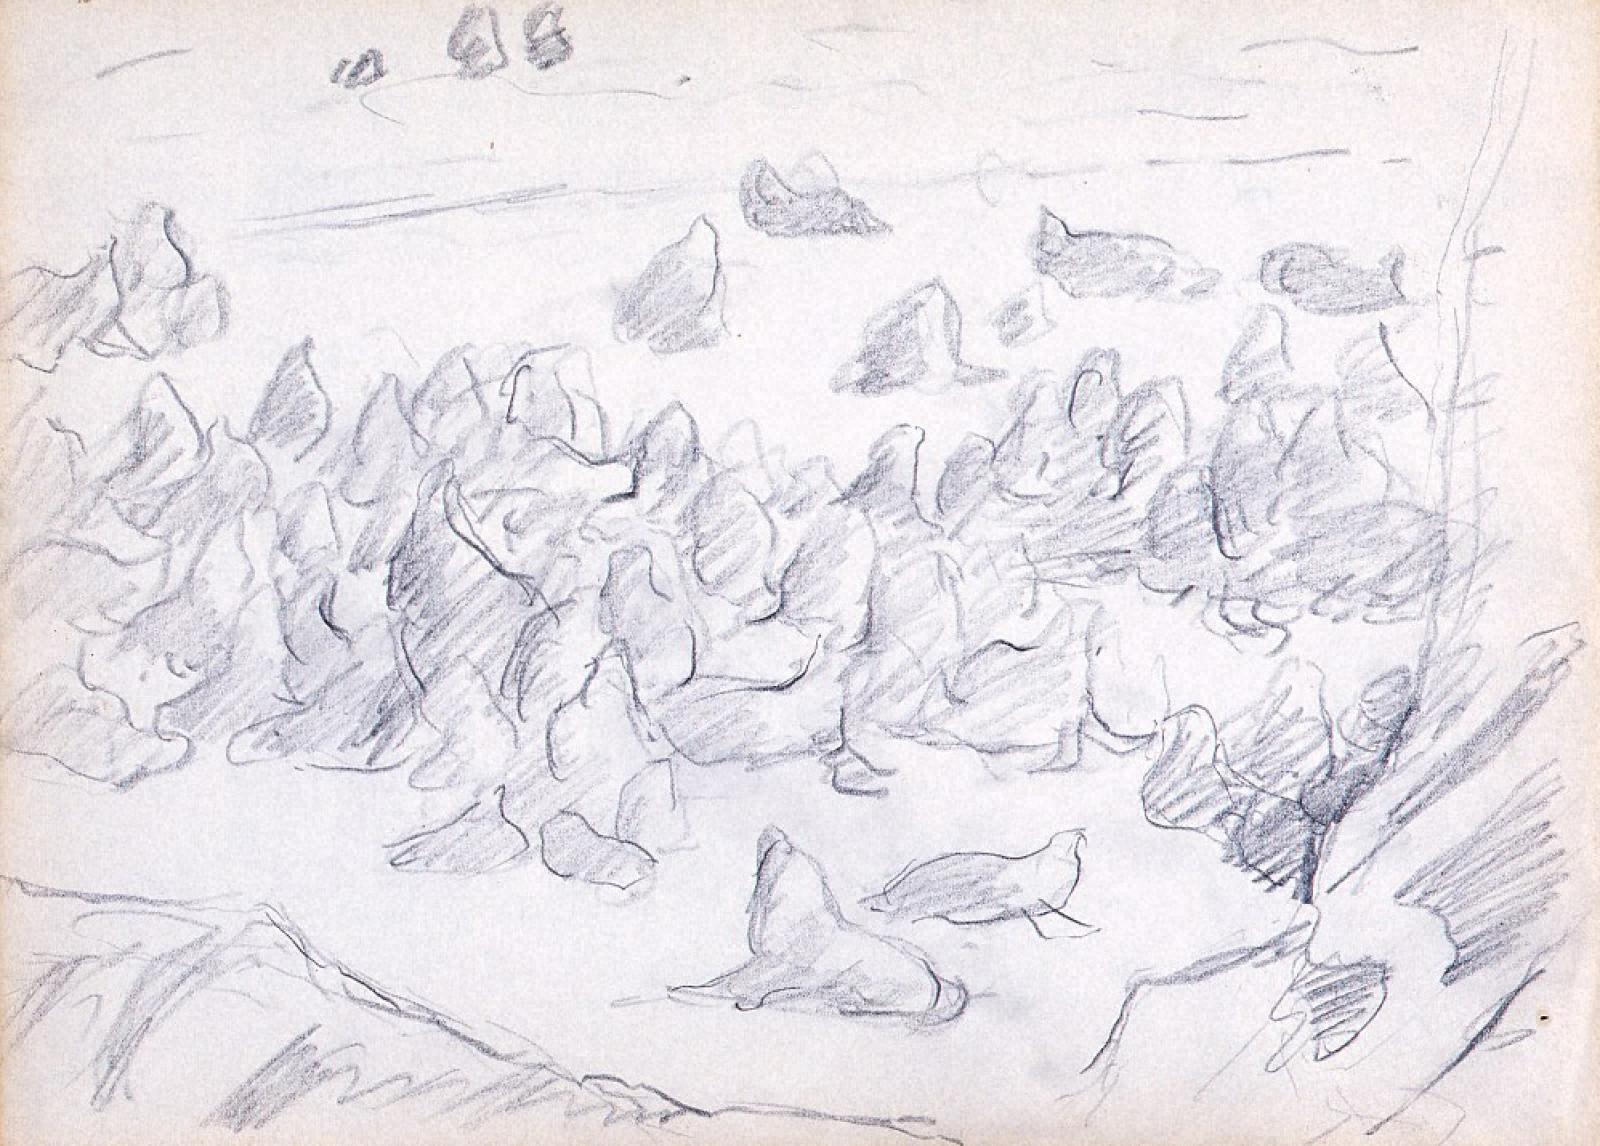 海豹島デッサン 6